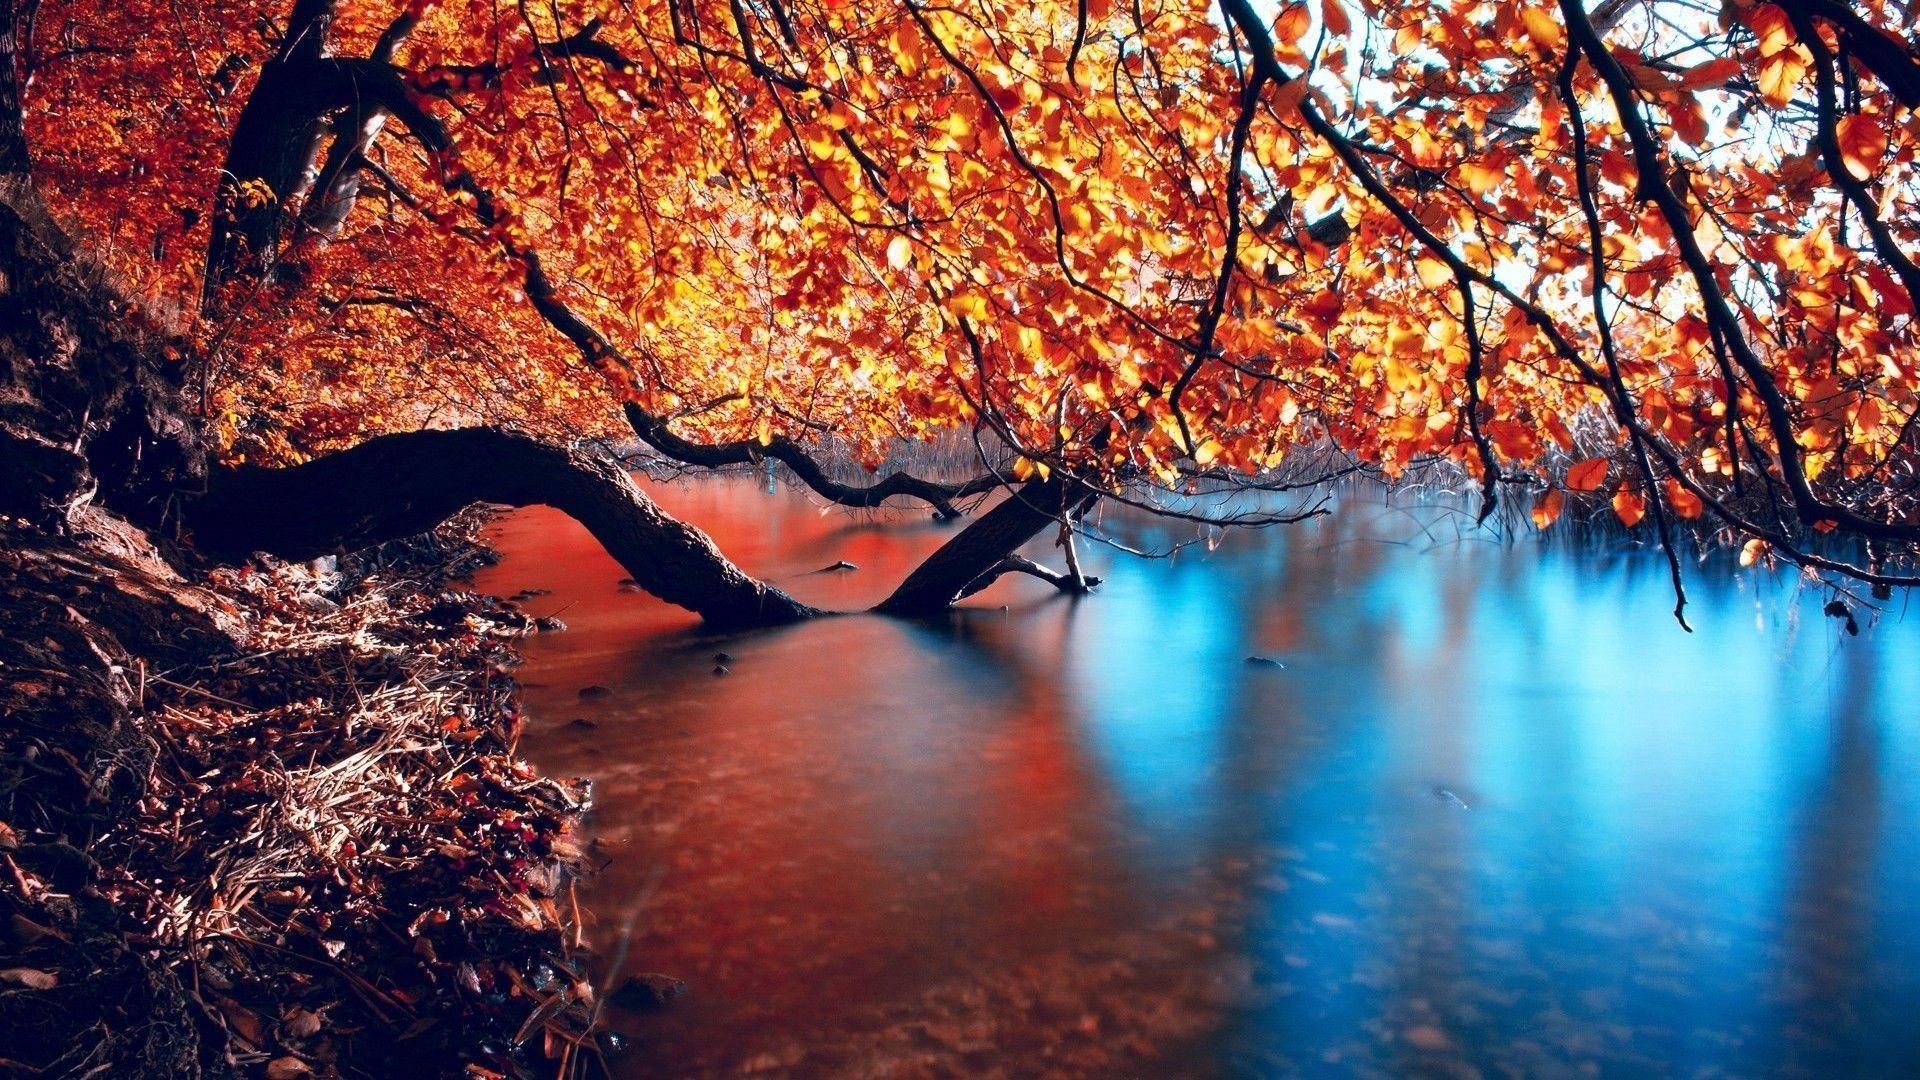 Fall Wallpaper For Desktop Download Free Full Hd: Fall Wallpaper HD ·① Download Free Wallpapers For Desktop